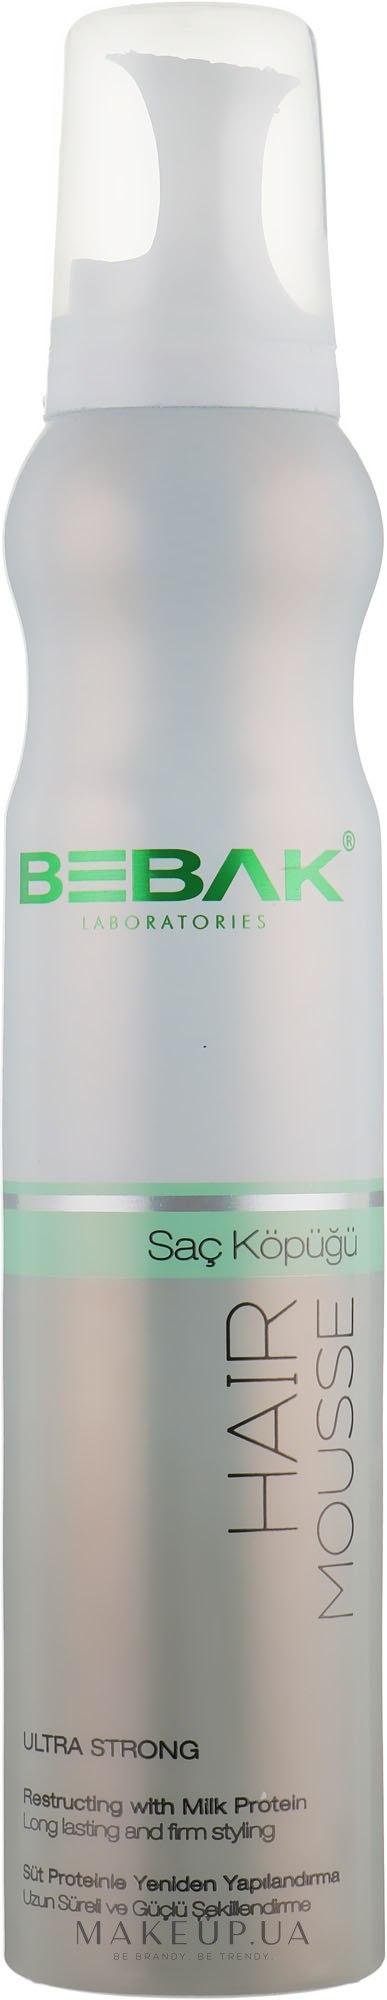 Мусс для укладки волос экстра сильной фиксации - Bebak Laboratories Hair Mousse — фото 200ml